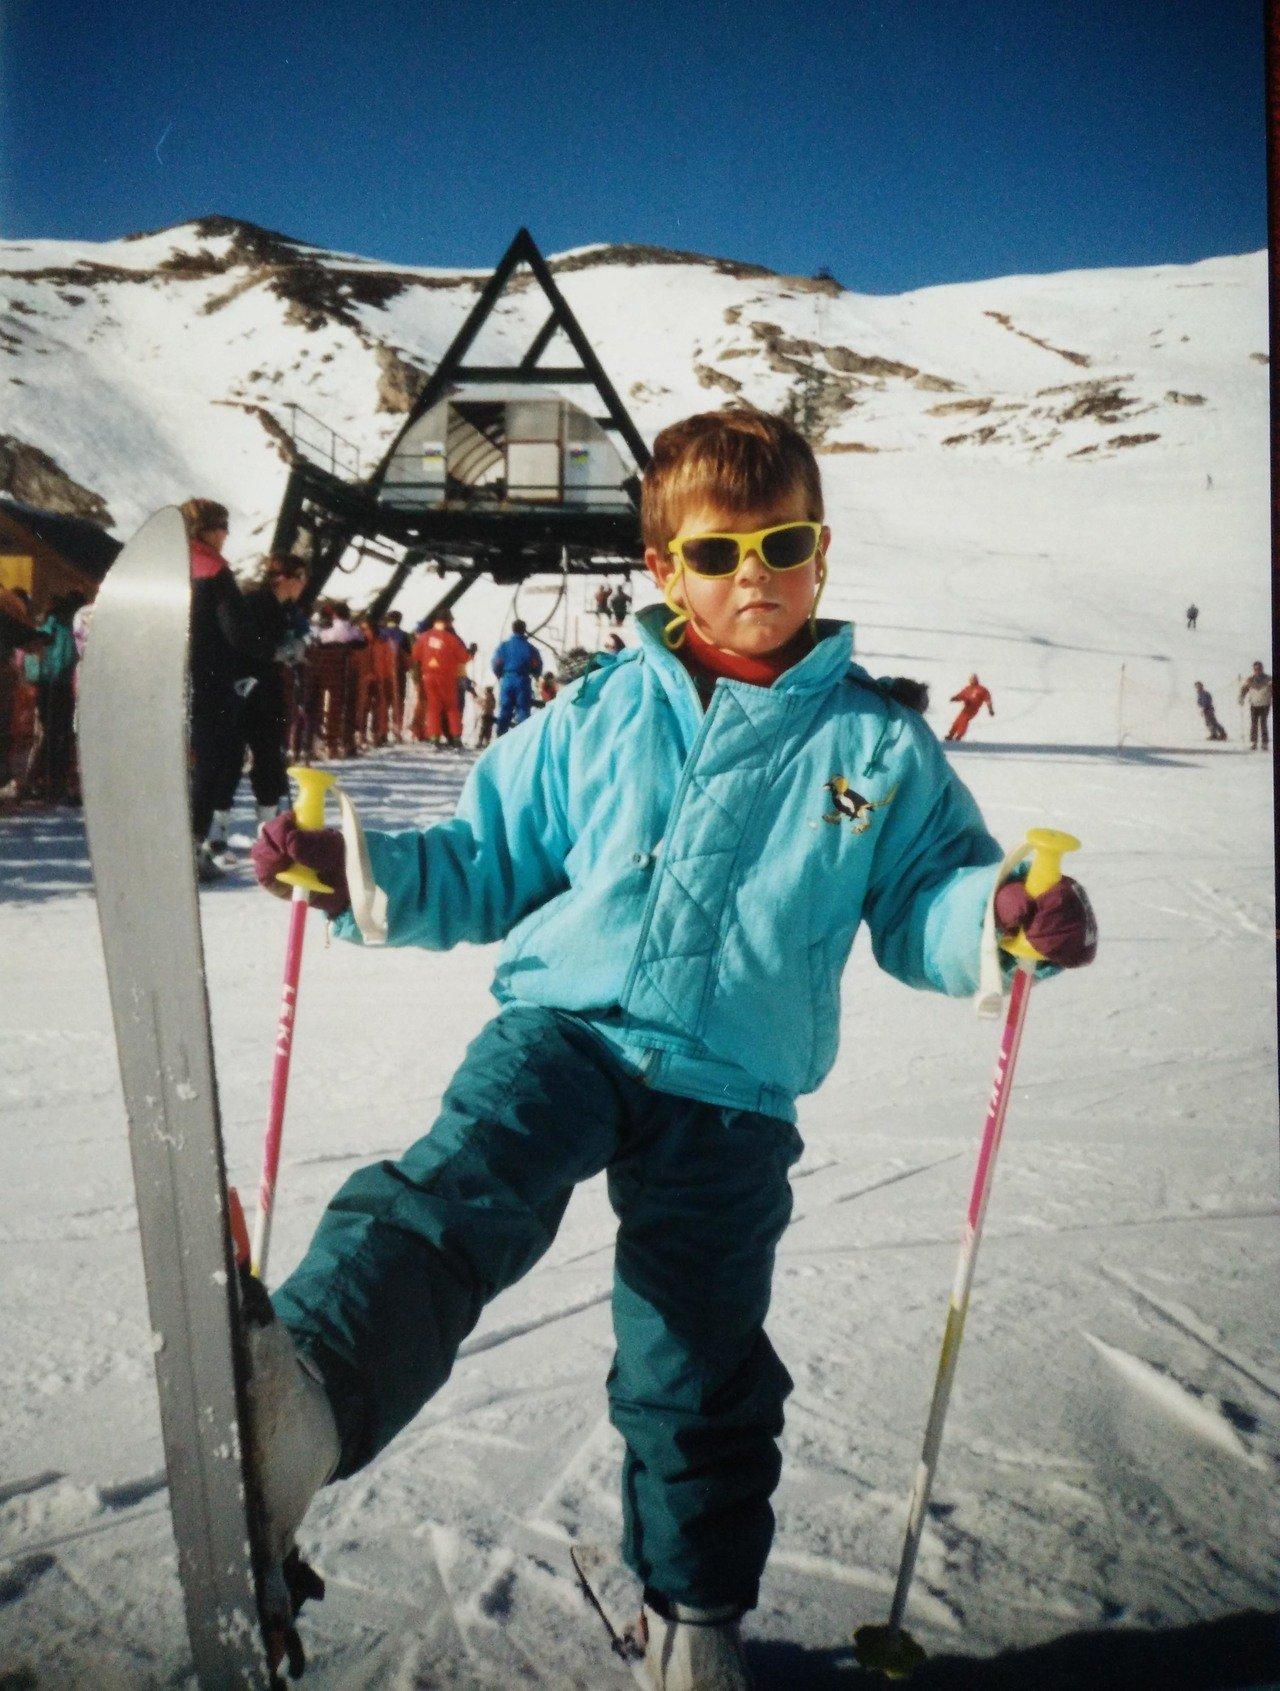 cc9ed0c558 Cómo escoger gafas de esquí? - 110% SKI - Nevasport.com